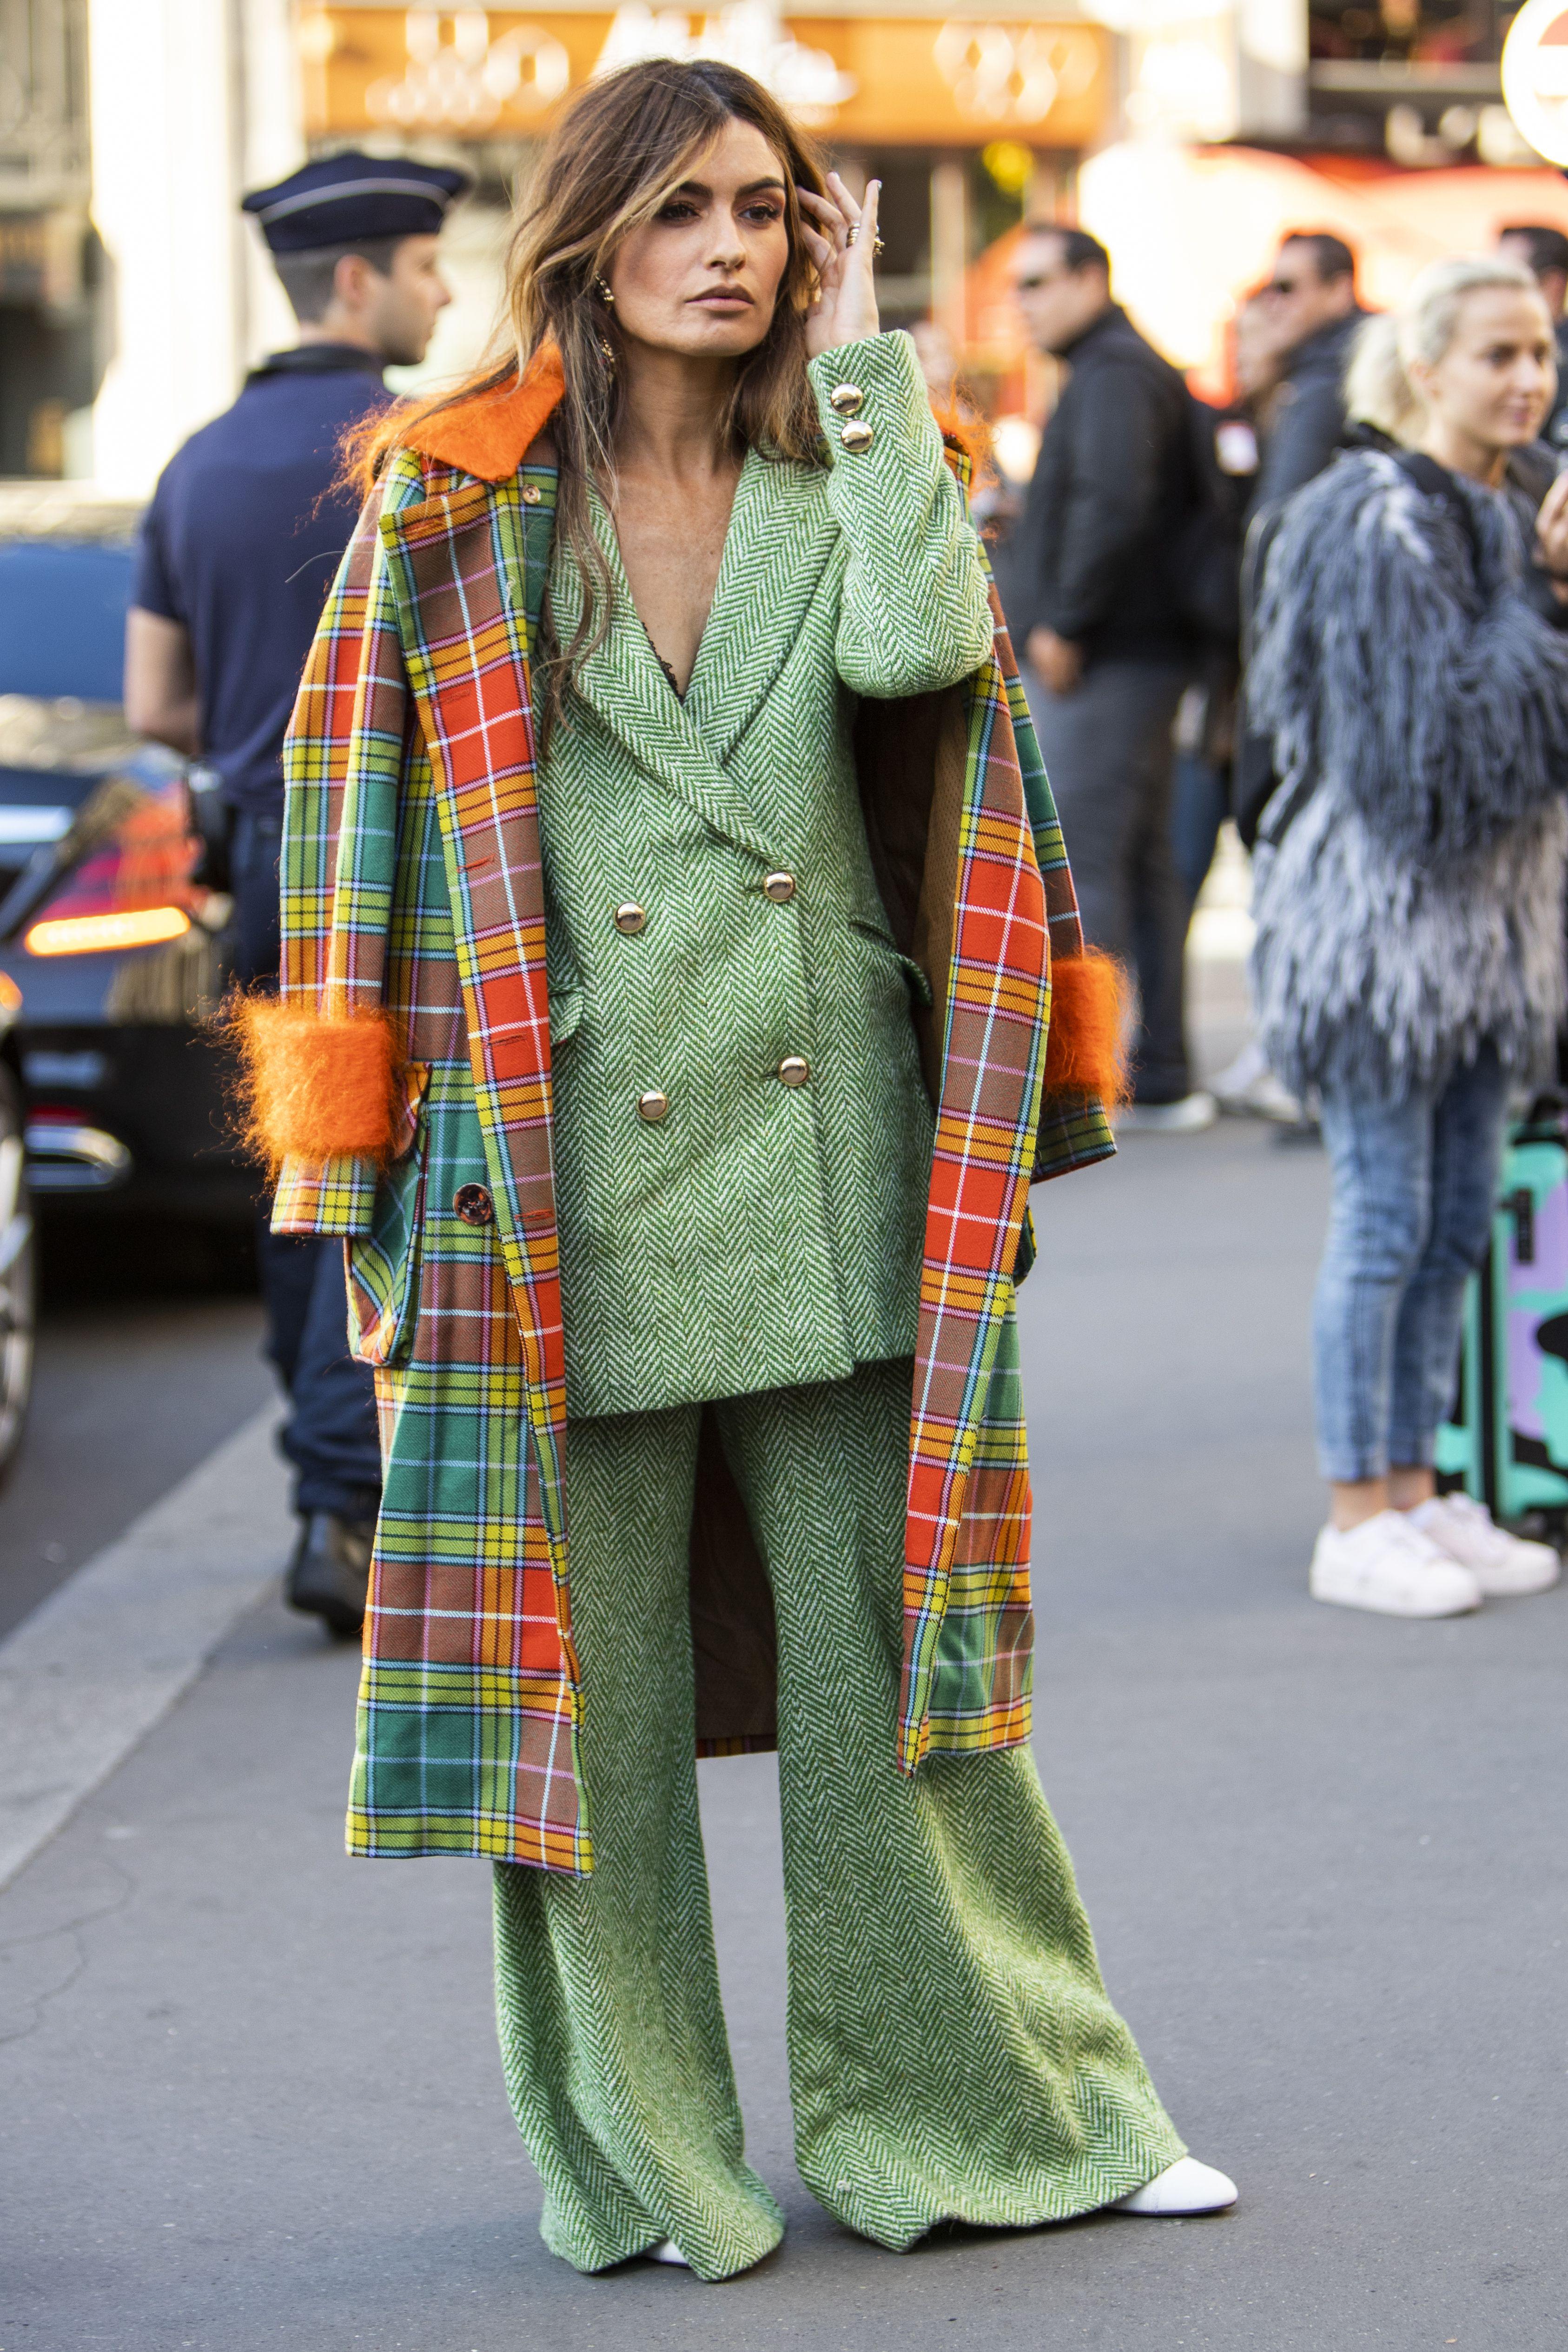 Da bi nosio ovakvu kombinaciju stvarno trebaš imati stav, a ova ljepotica ga definitivno ima!